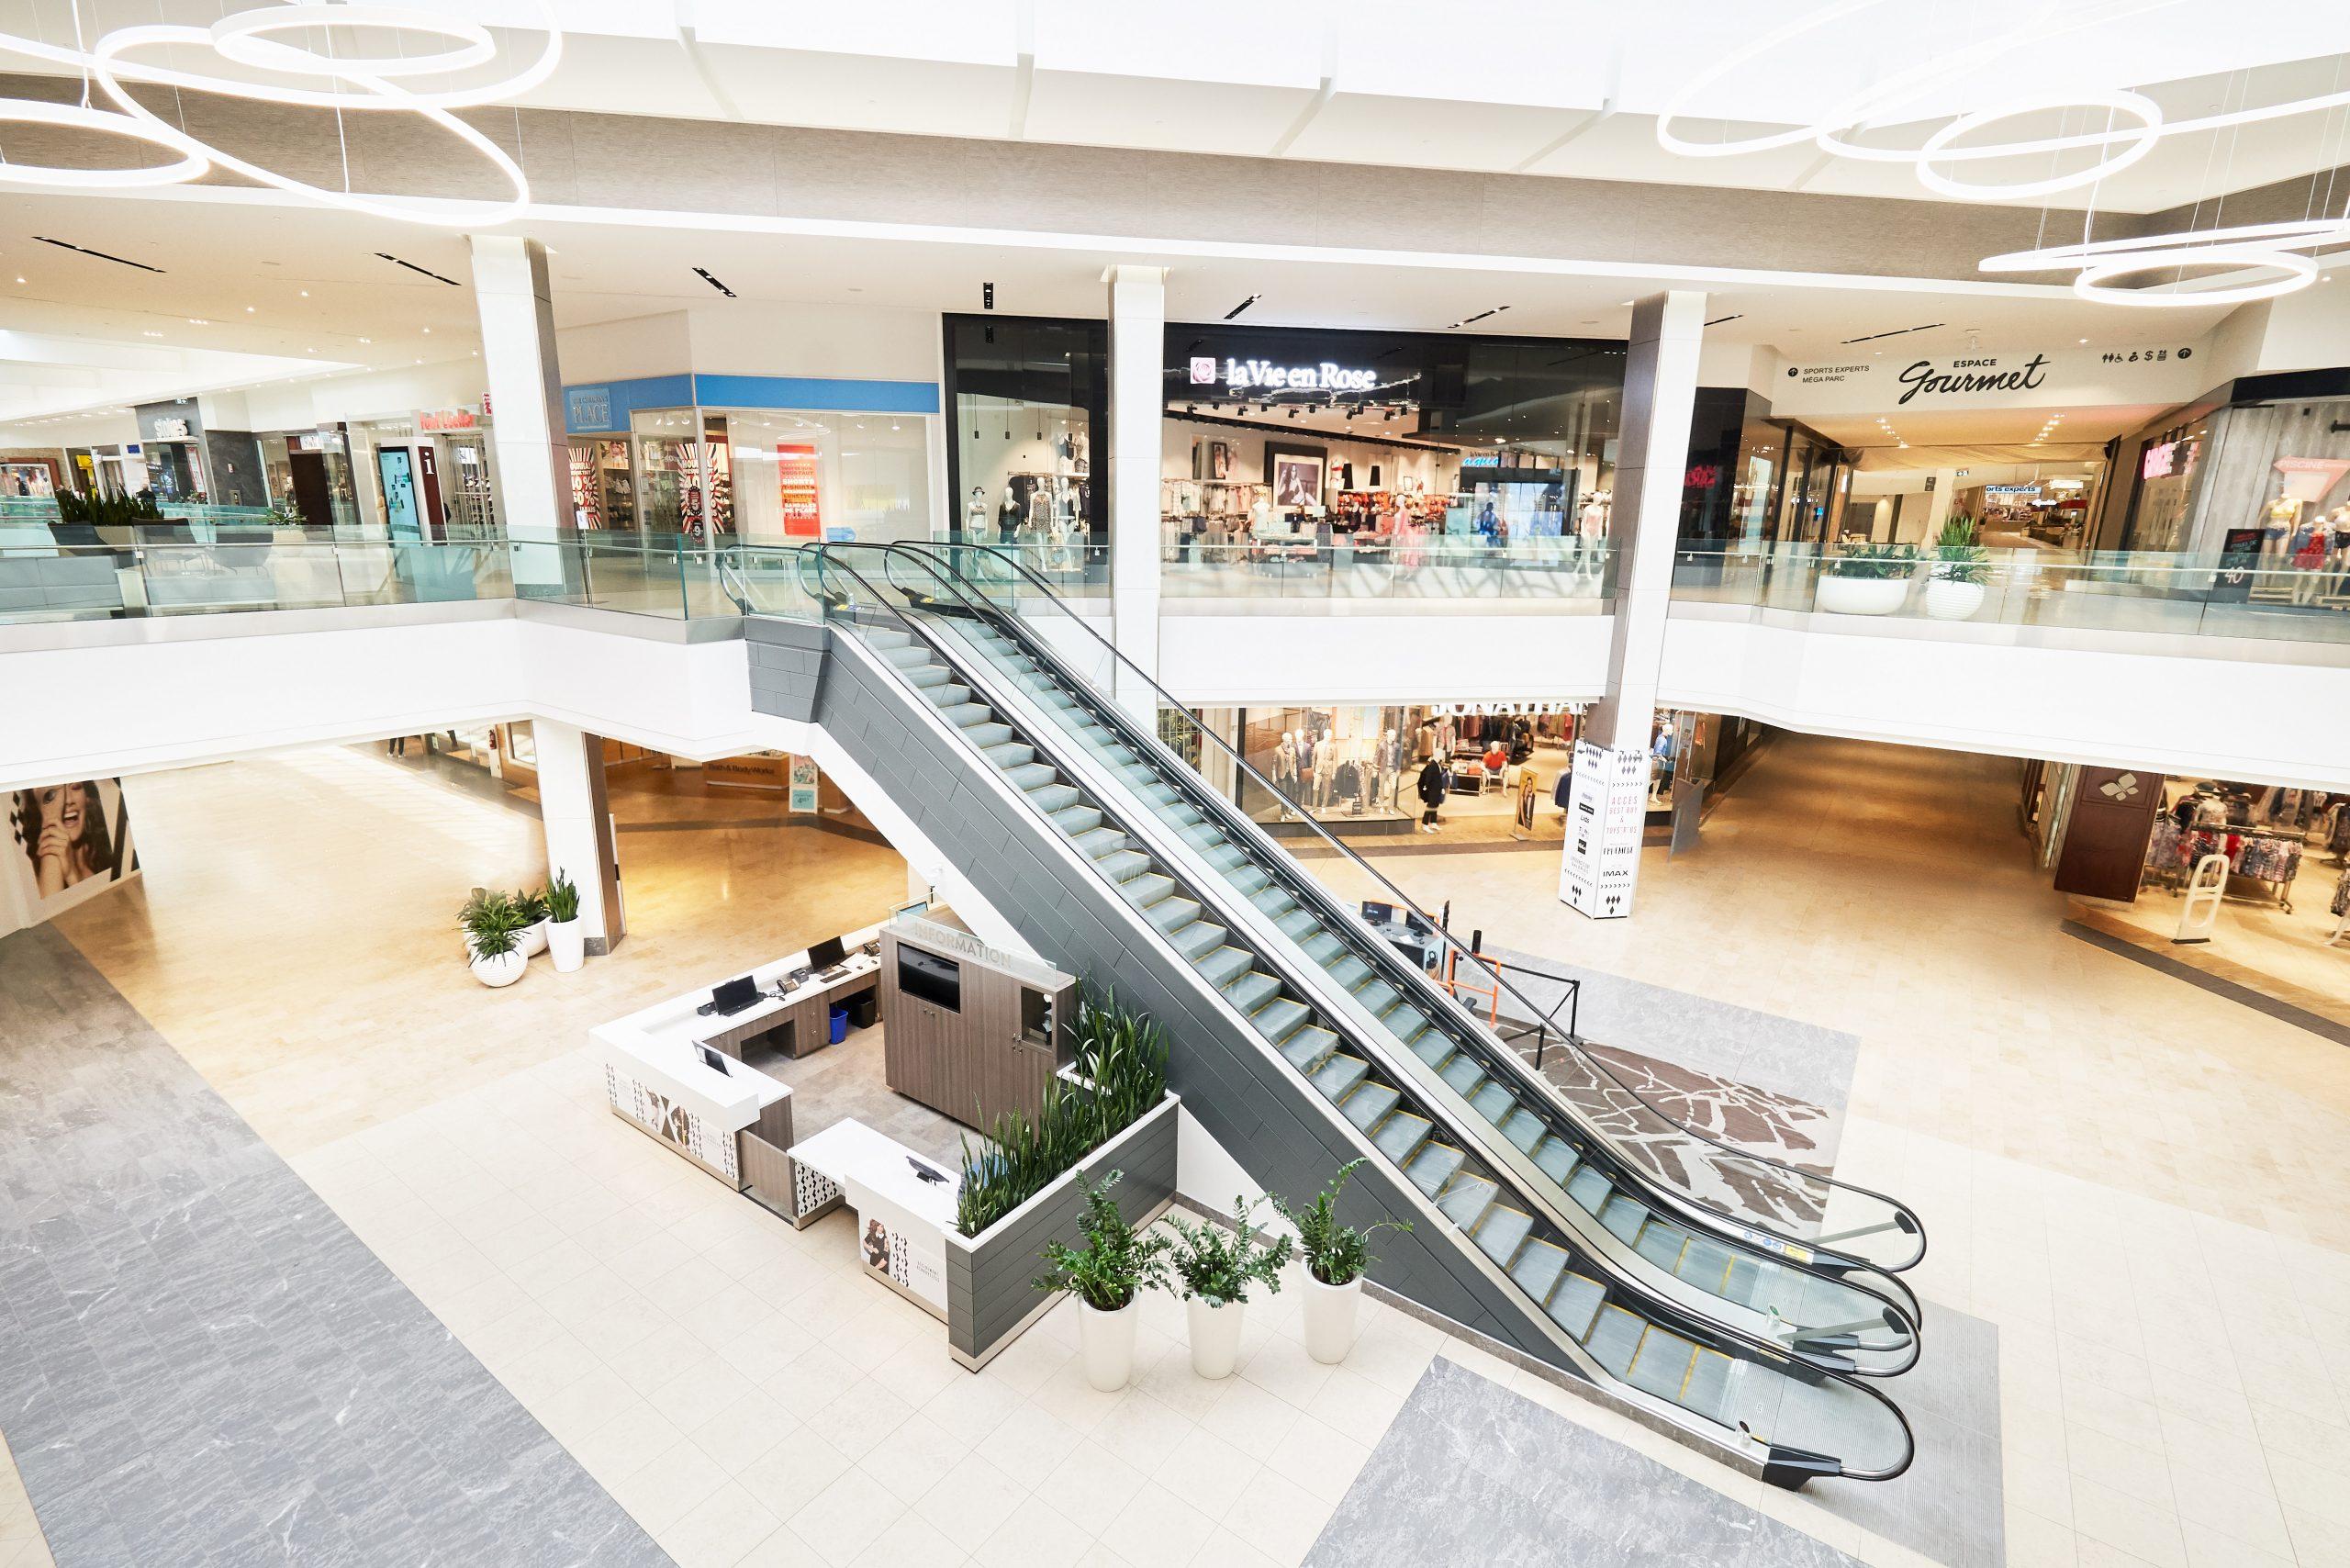 Centre court with guest services & escalators.